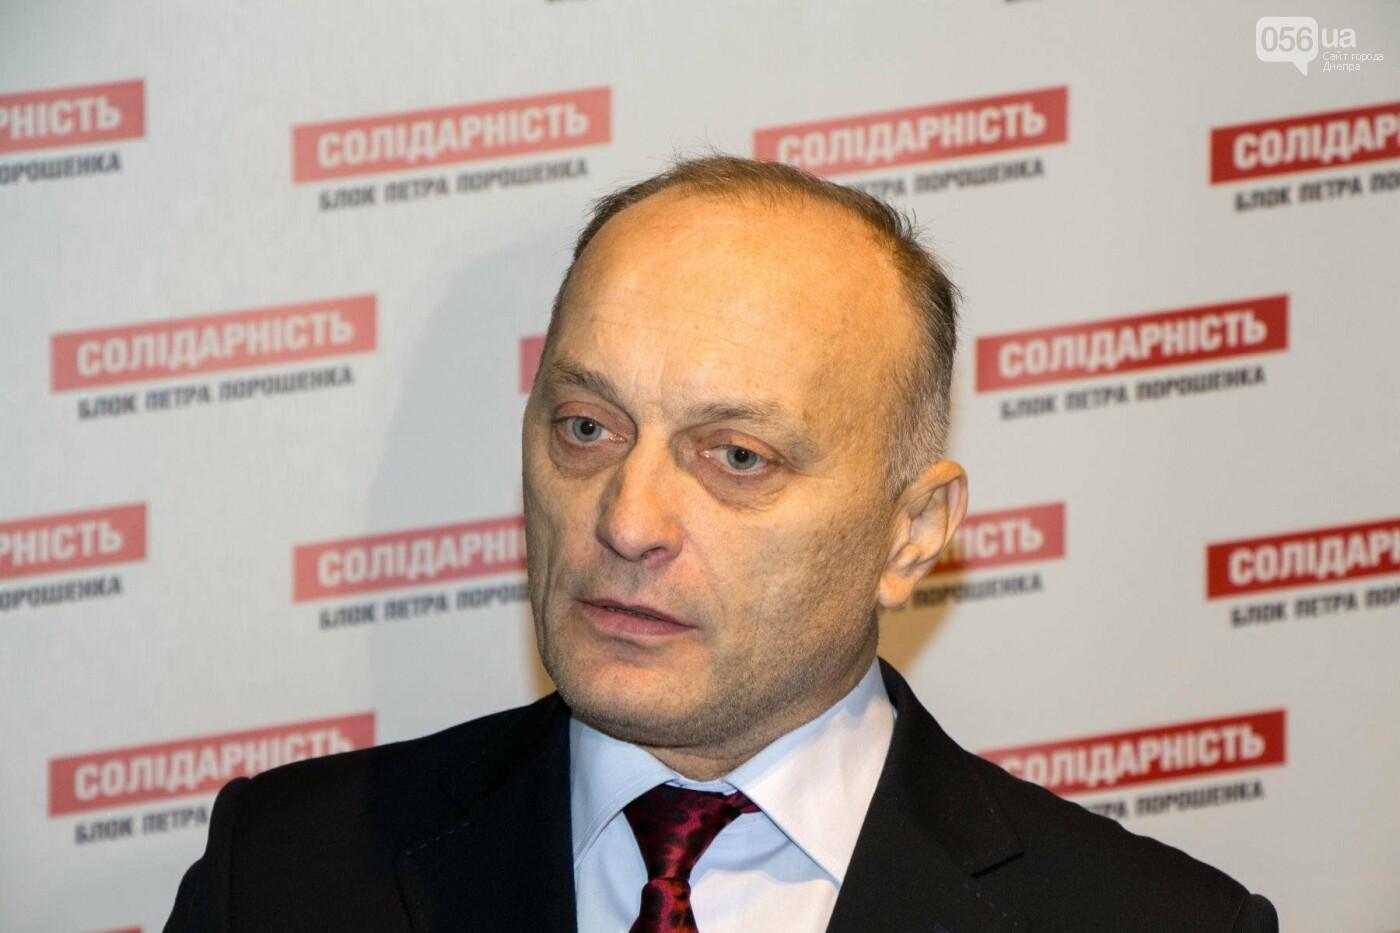 Глеб Пригунов: 18 победителей на должности председателей ОТГ от партии «Солидарность» - это говорит о доверии к реформе децентрализации!, фото-1